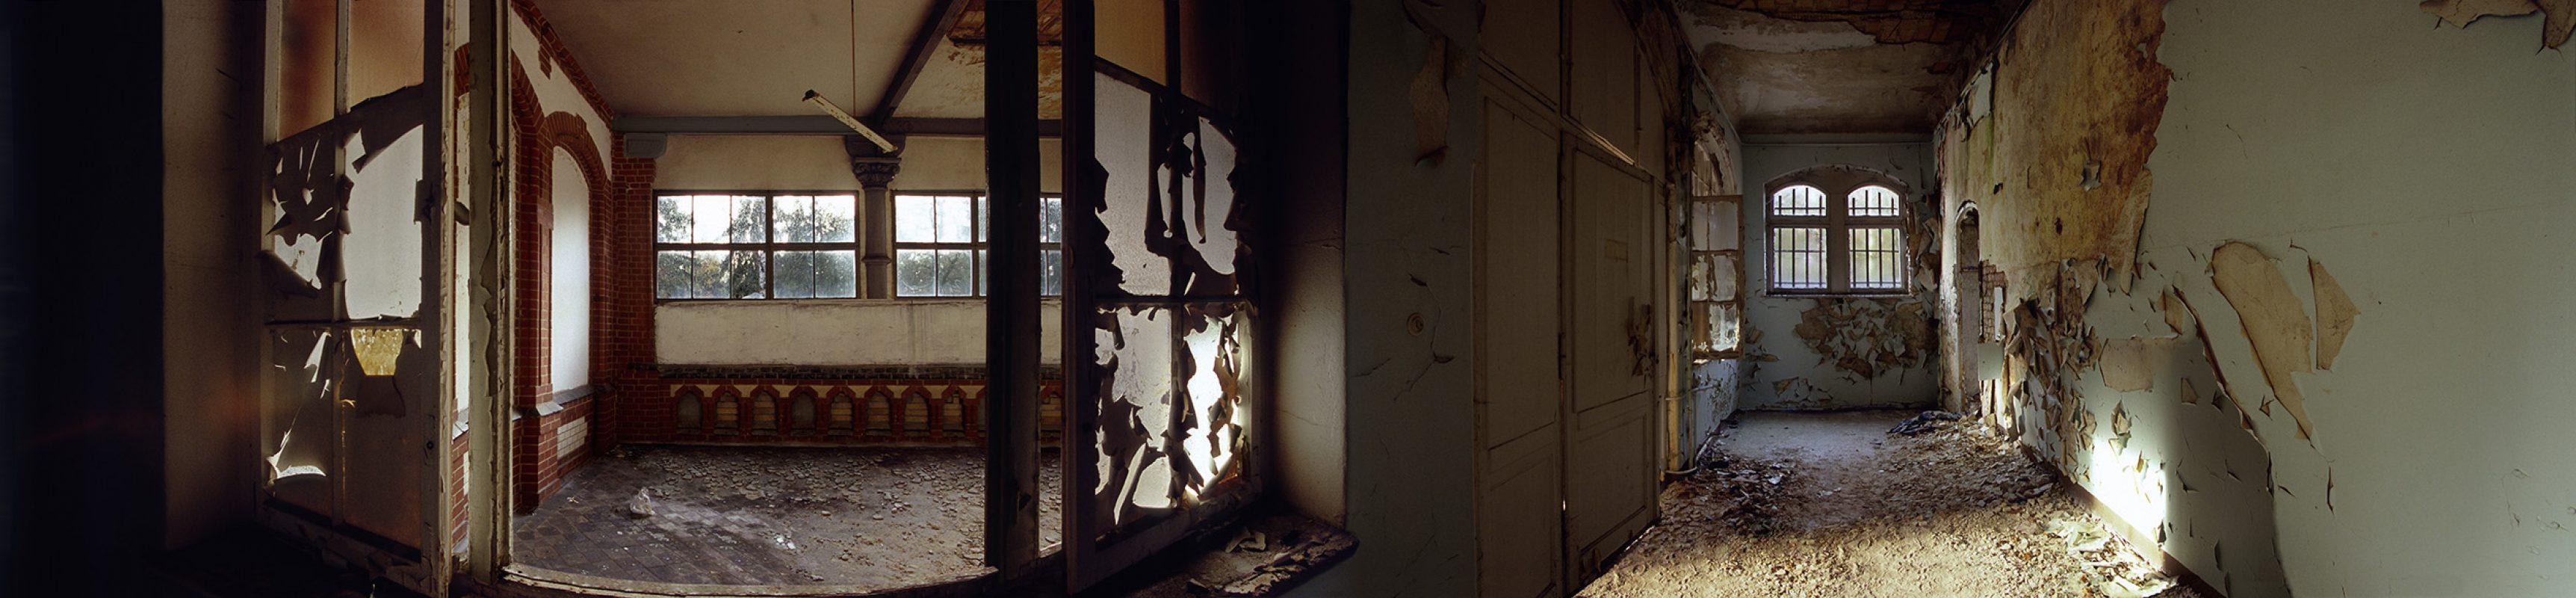 Beelitz-Heilstätten, Holzfenster langes Haus